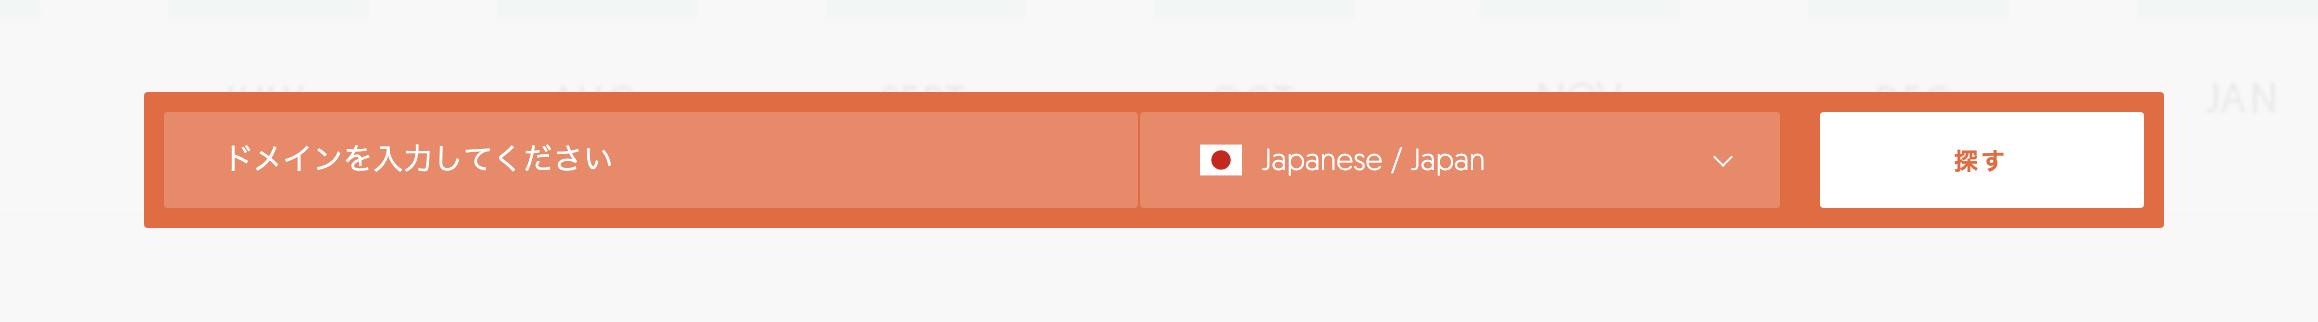 検索ボリューム/ウーバーサジェスト